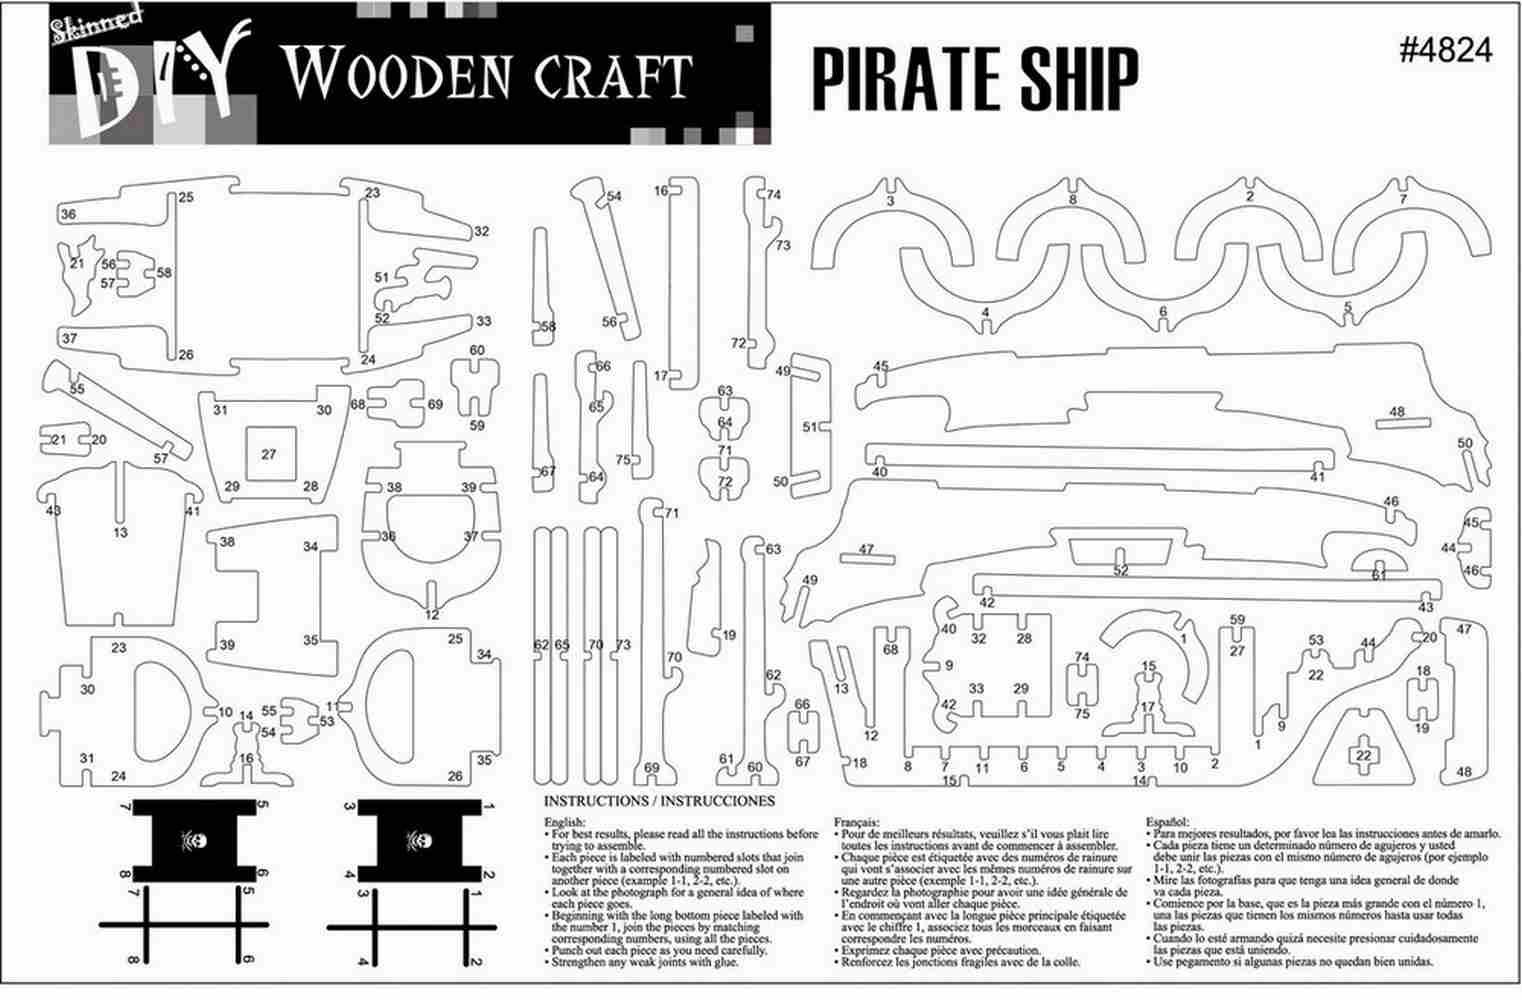 Plan de jouets en vente for Acheter des plans architecturaux